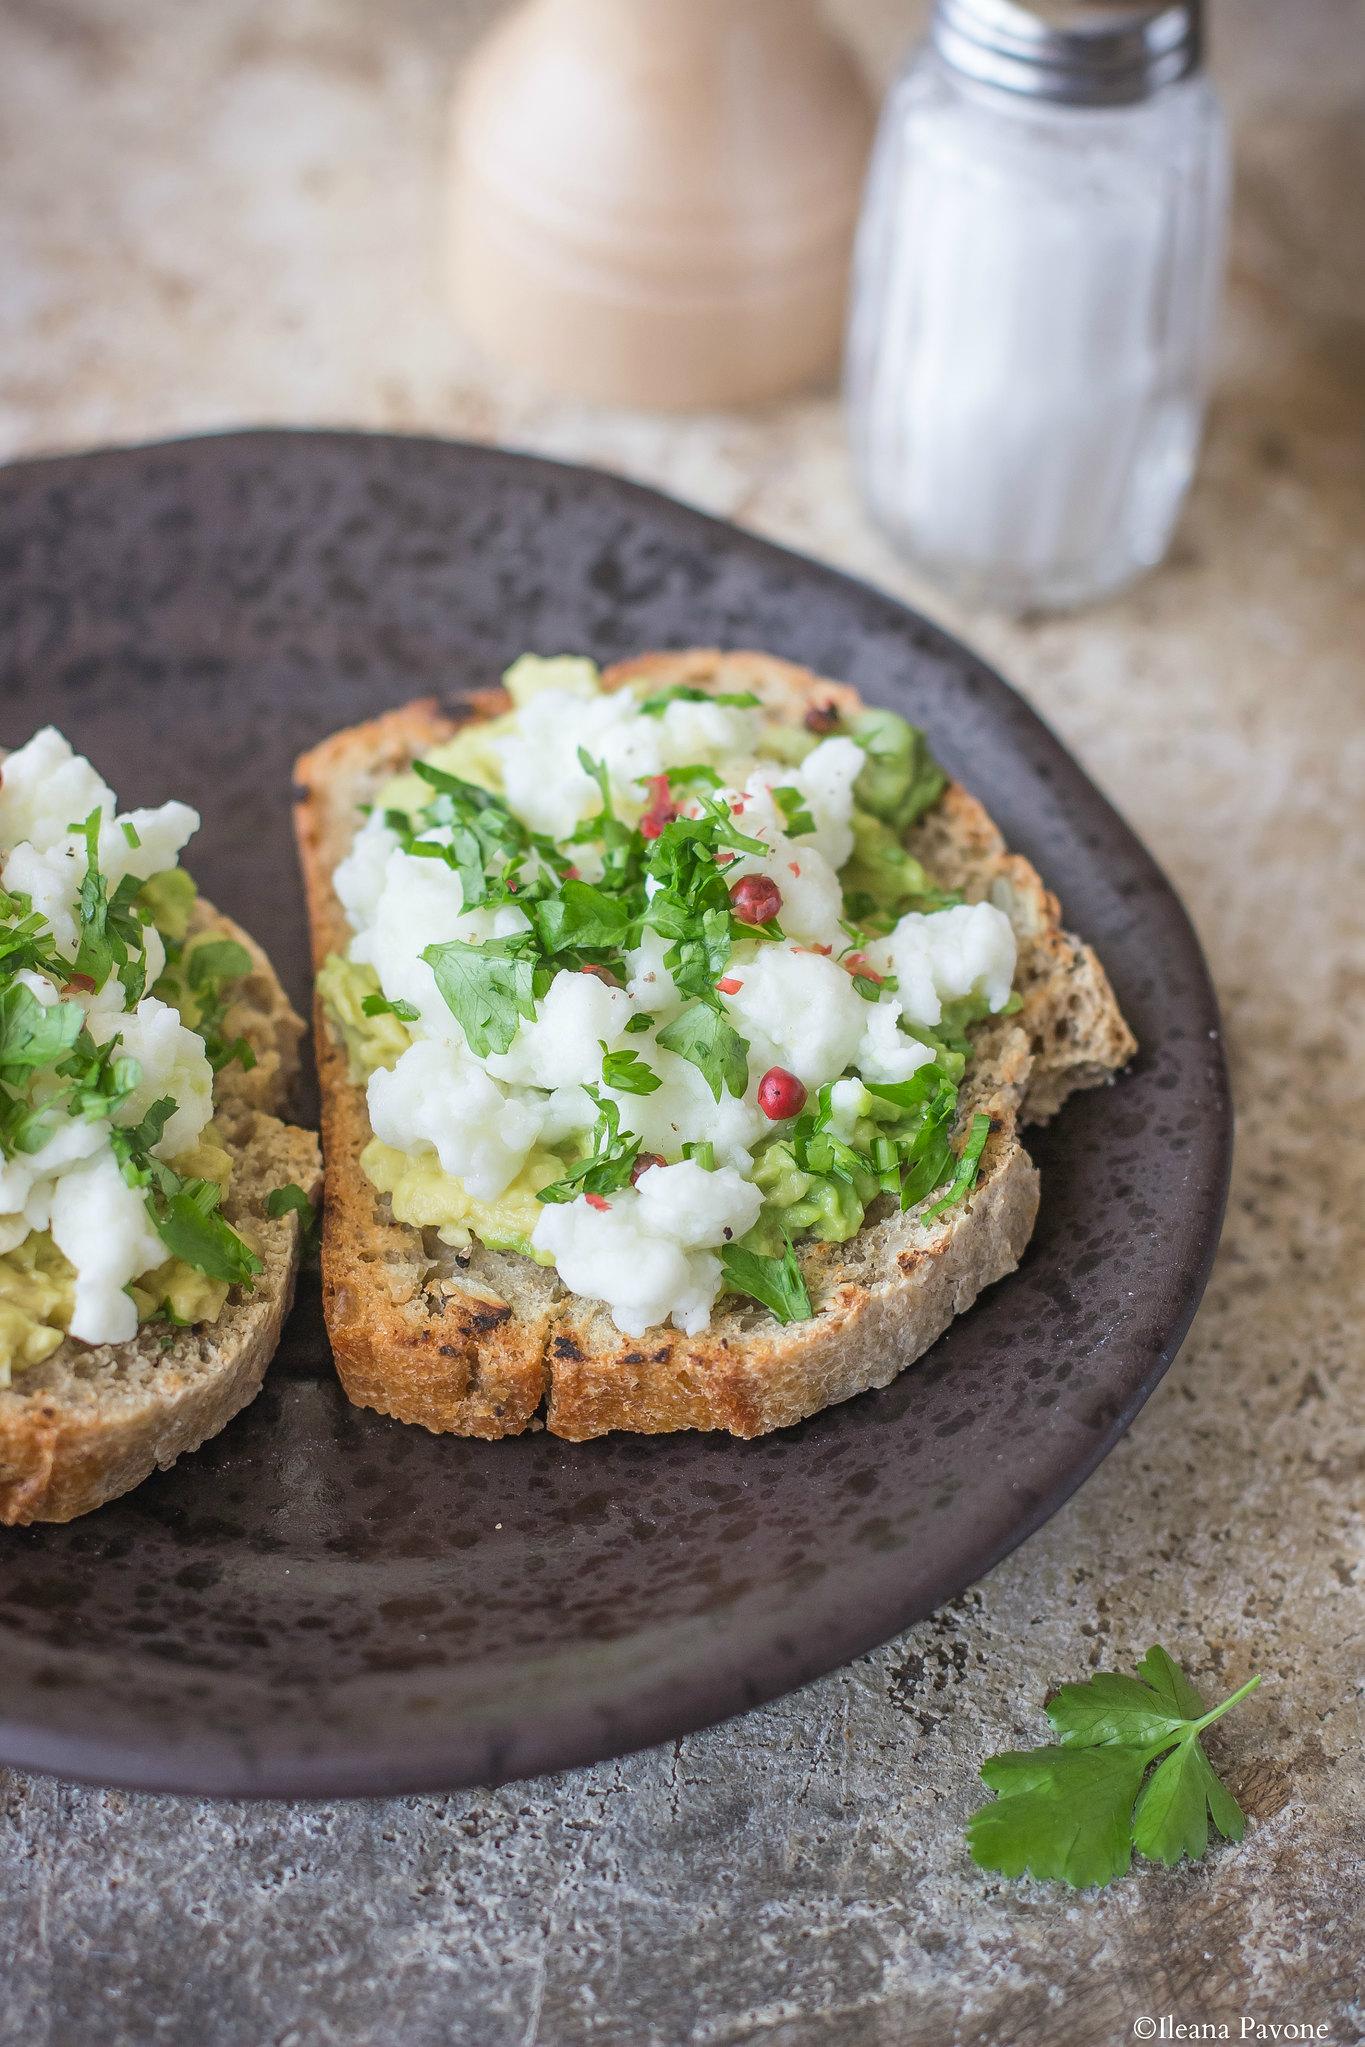 Pane con avocado e albumi